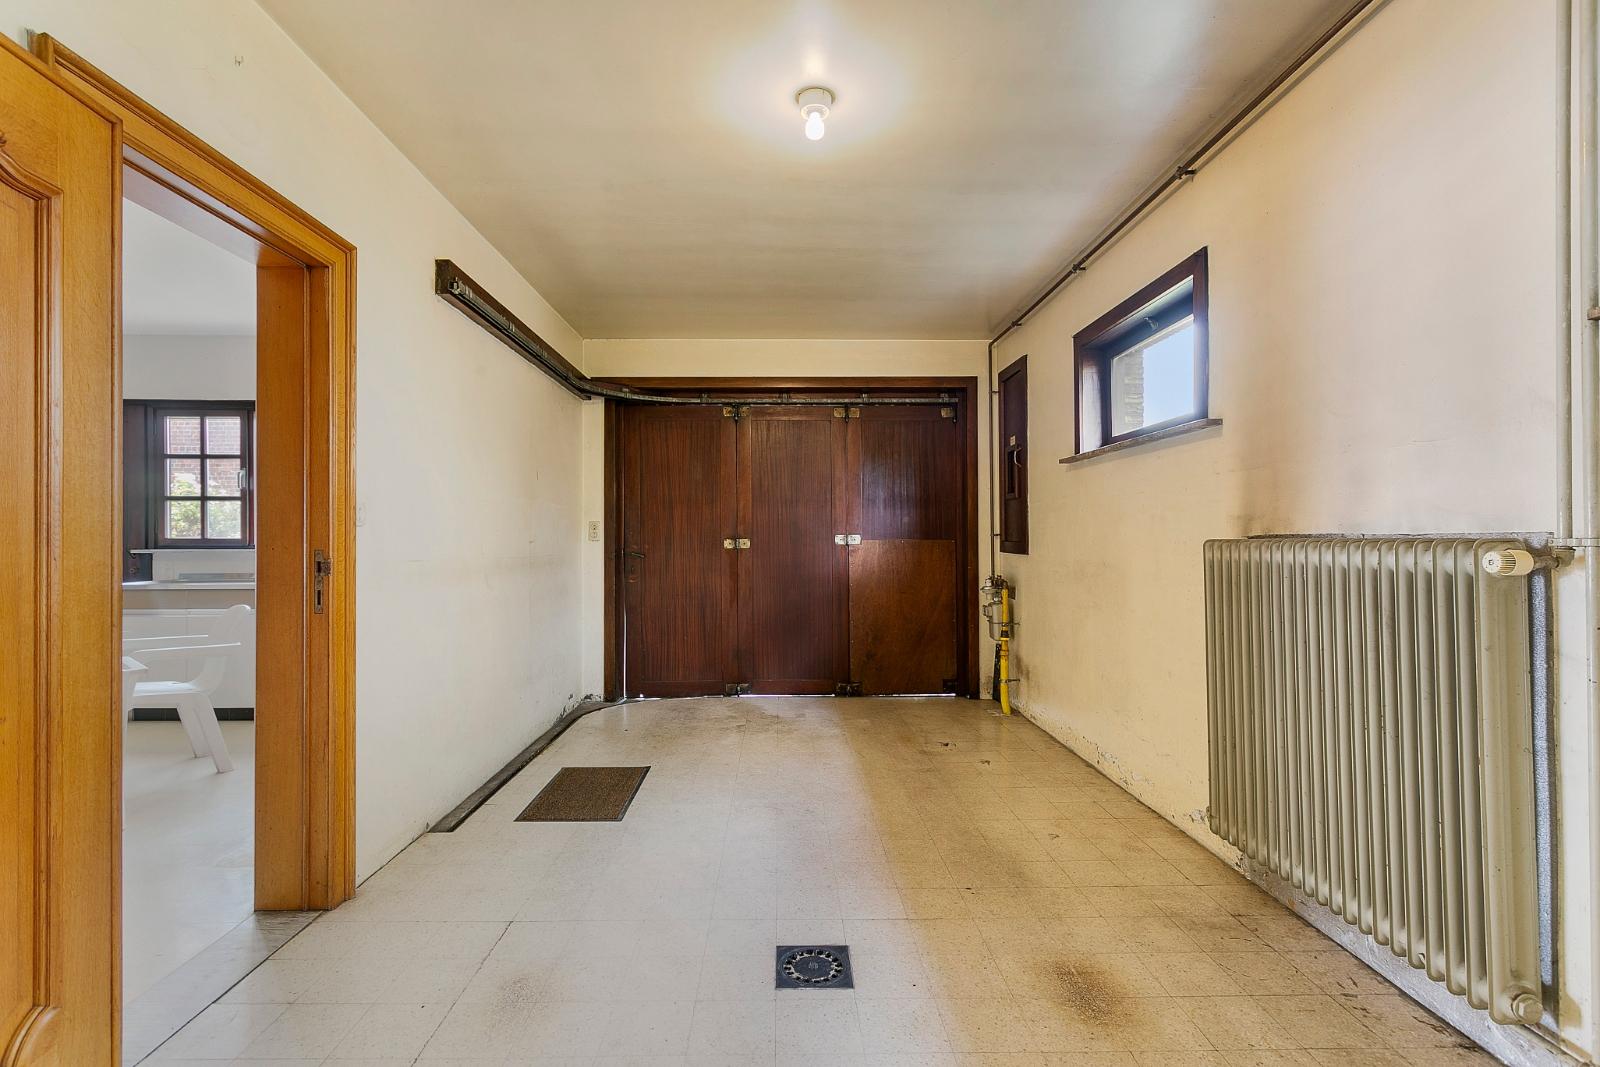 Vrijstaande, gelijkvloerse woning met garage en 3 slaapkamers te Koekelare - 13